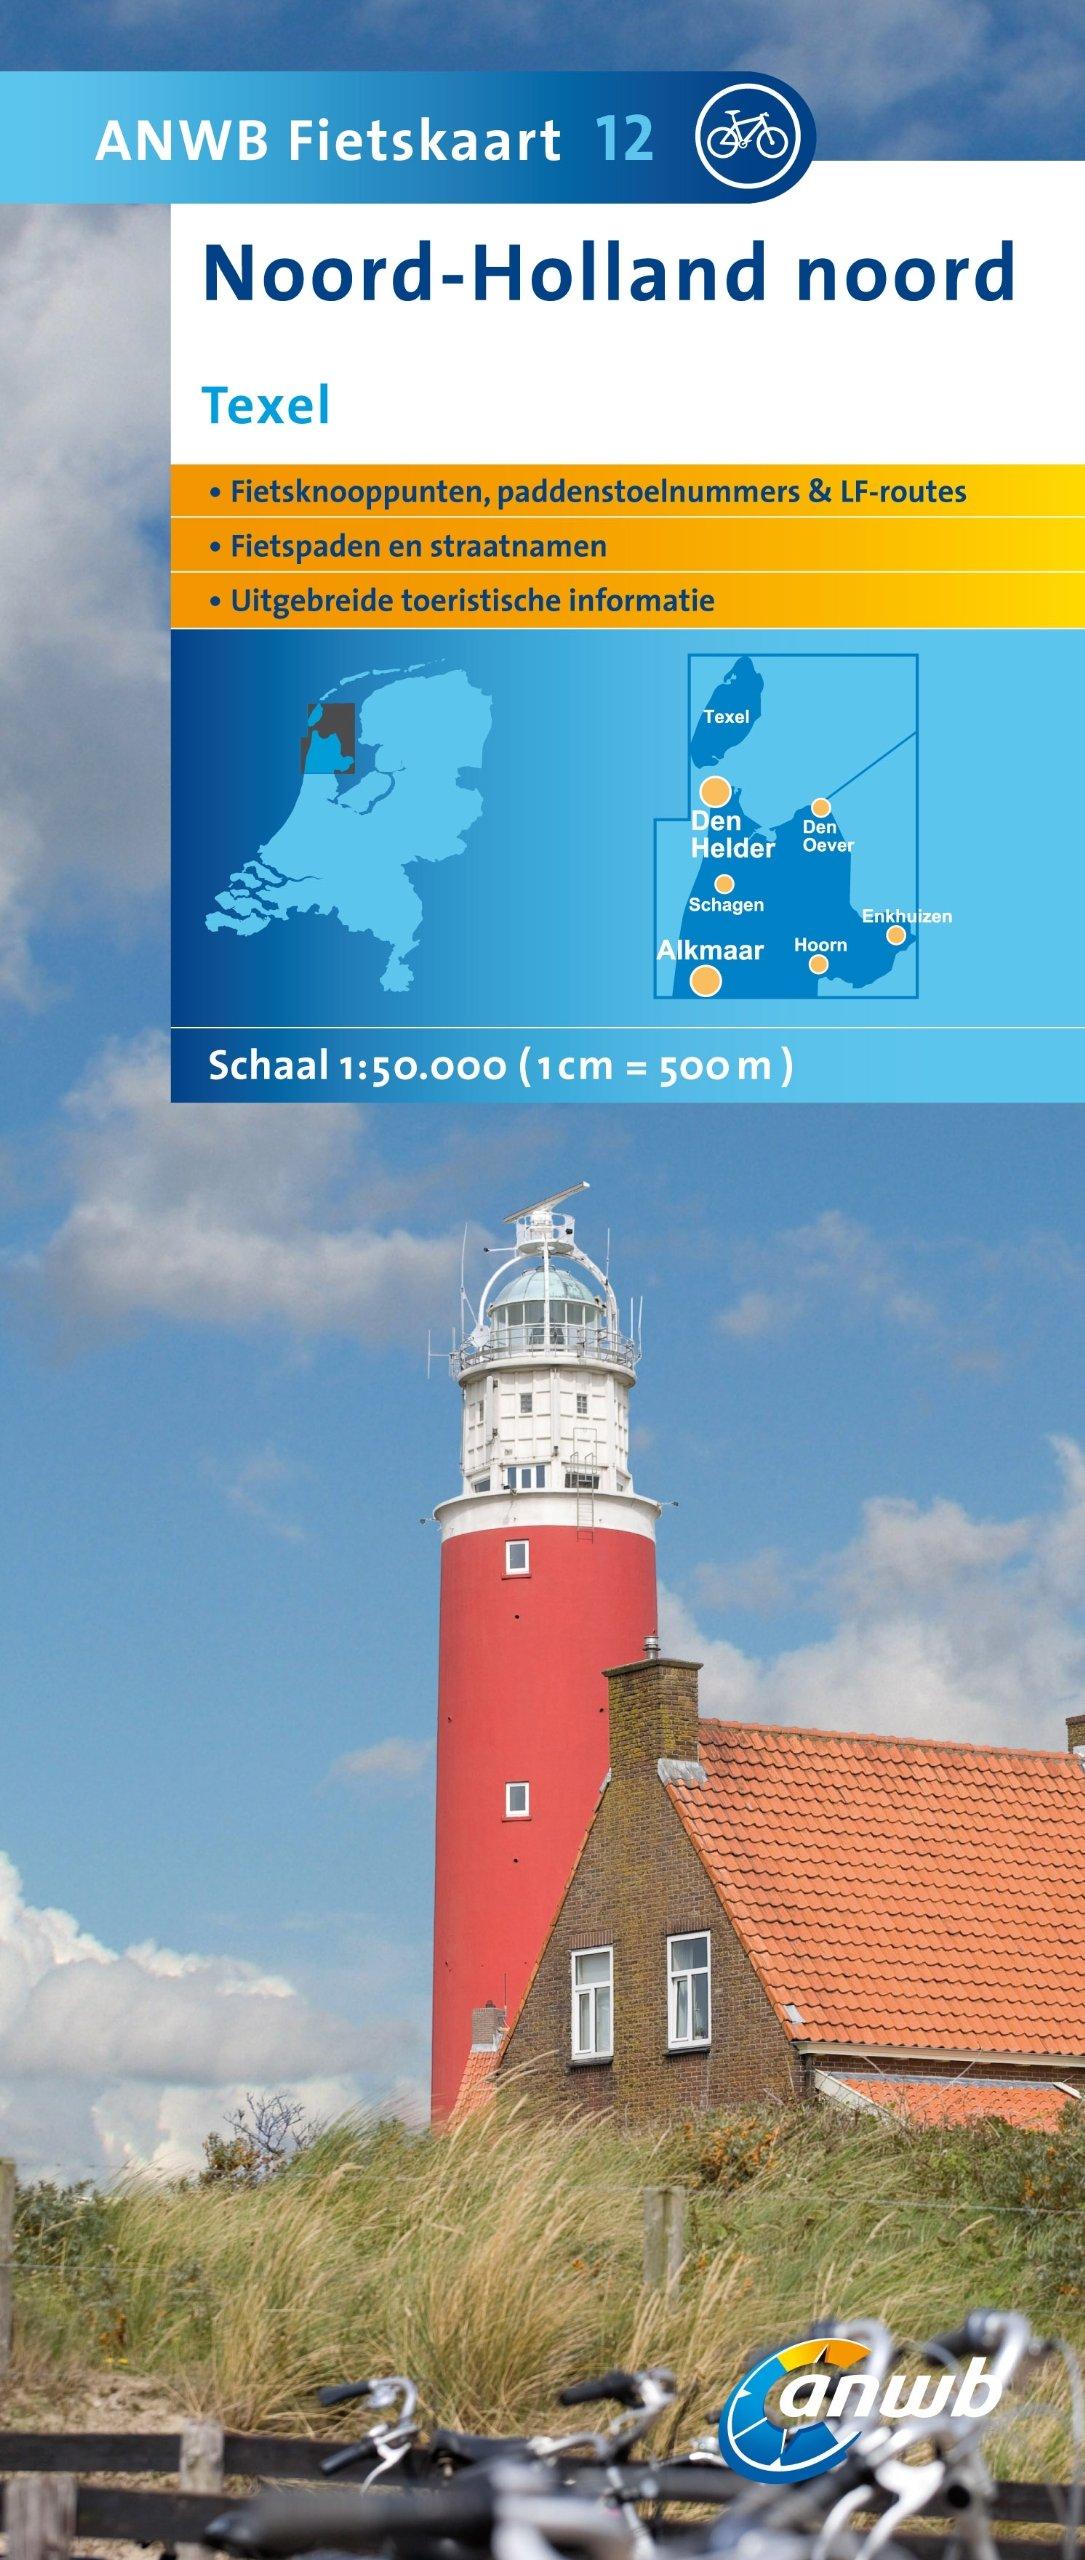 ANWB Fietskaart Noord Holland noord (ANWB fietskaart (12))